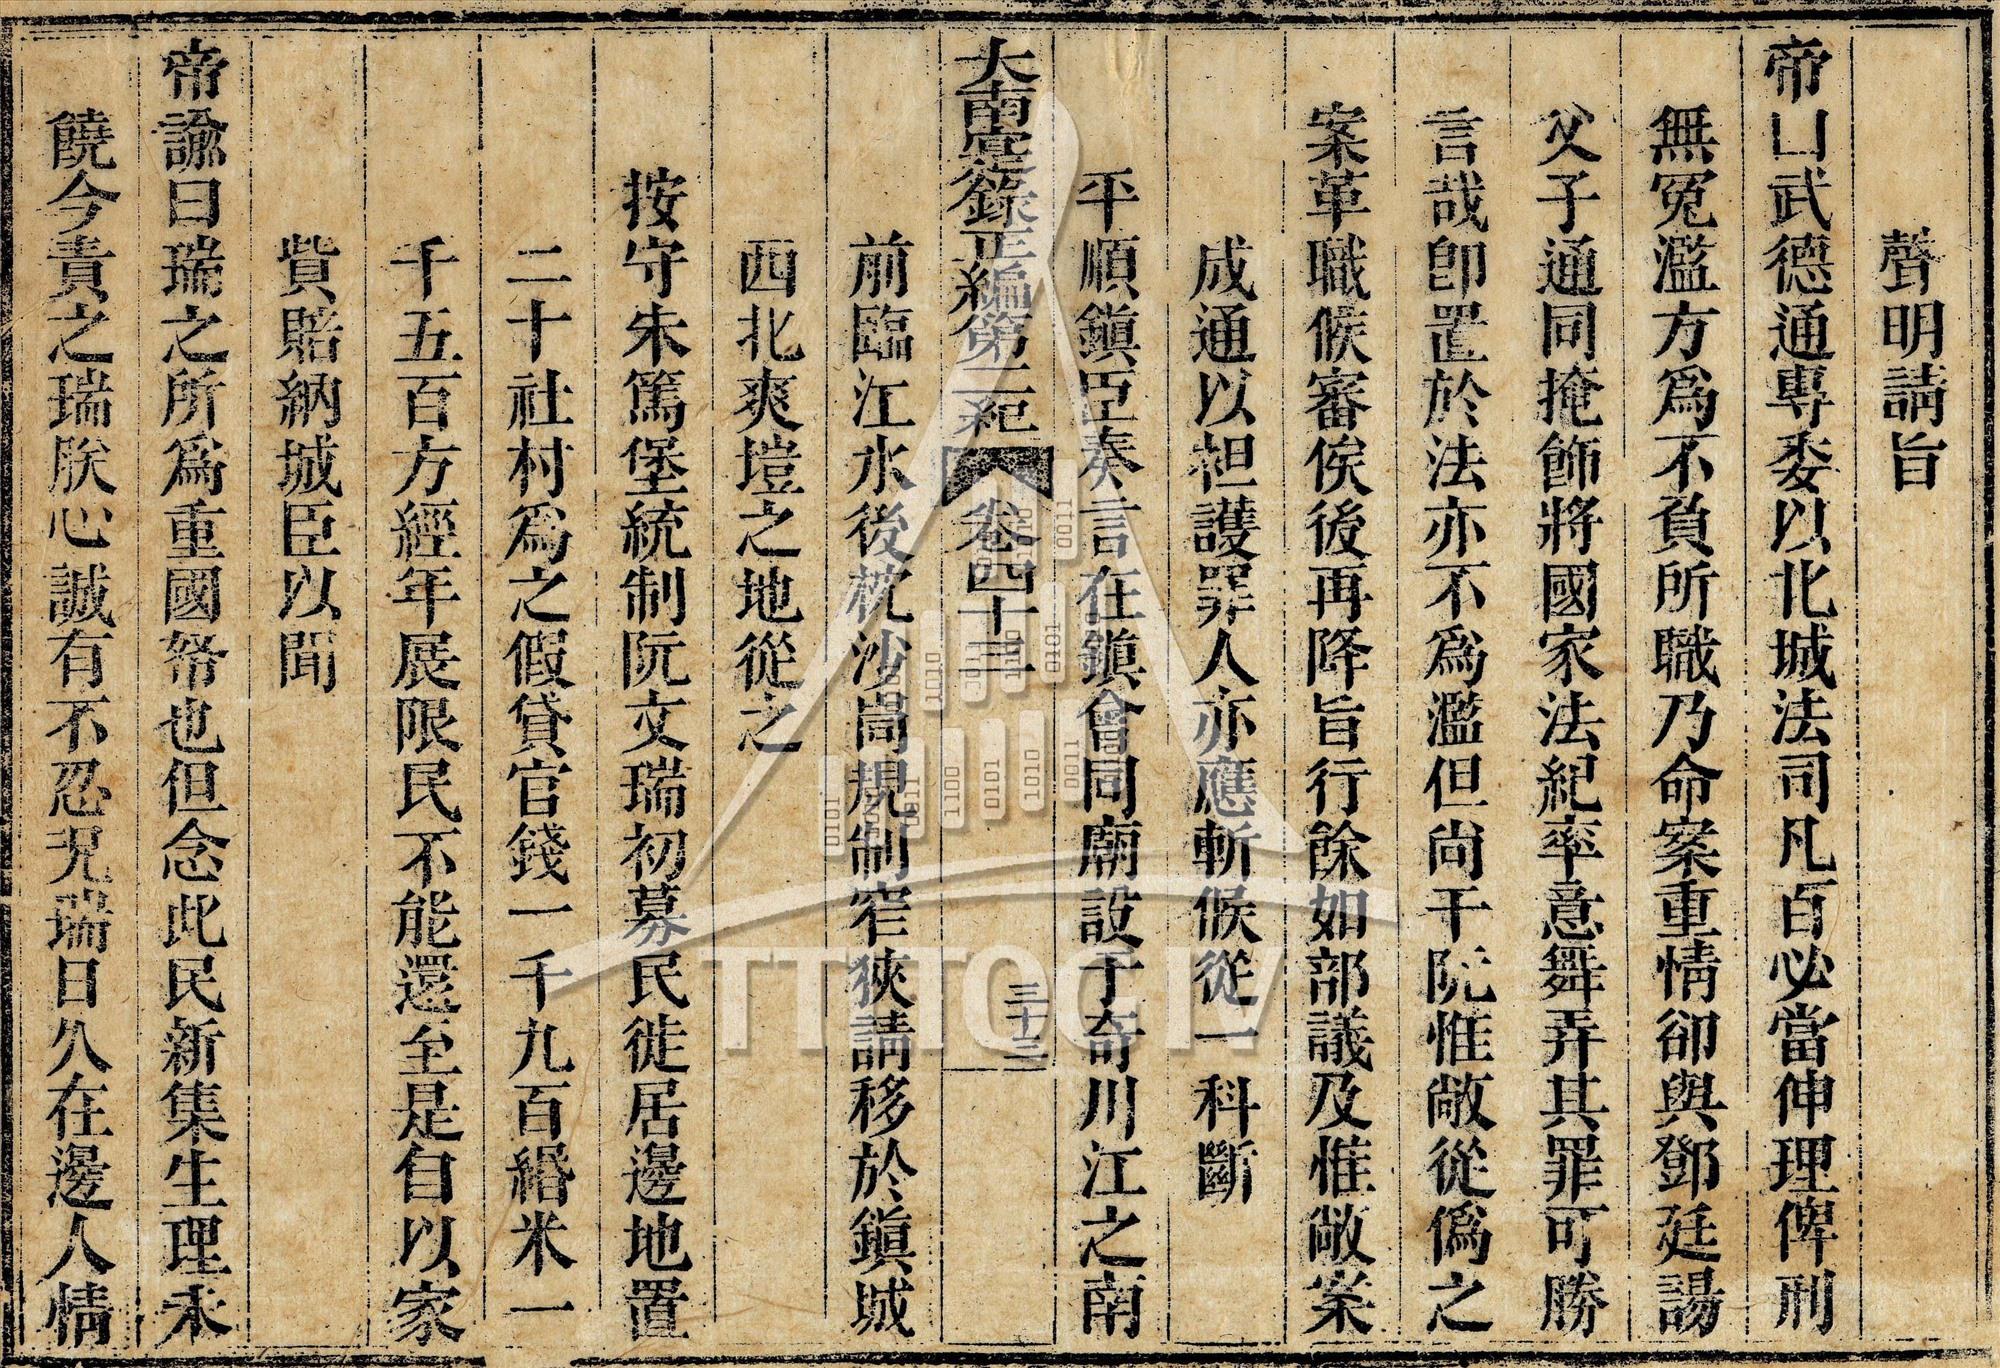 Mộc bản sách Đại Nam thực lục chính biên đệ nhị kỷ, quyển 43, mặt khắc 33 ghi về việc công thần Nguyễn Văn Thoại đã mộ và đặt ra được 20 xã thôn ở vùng Châu Đốc. (Nguồn: Trung tâm Lưu trữ quốc gia IV)